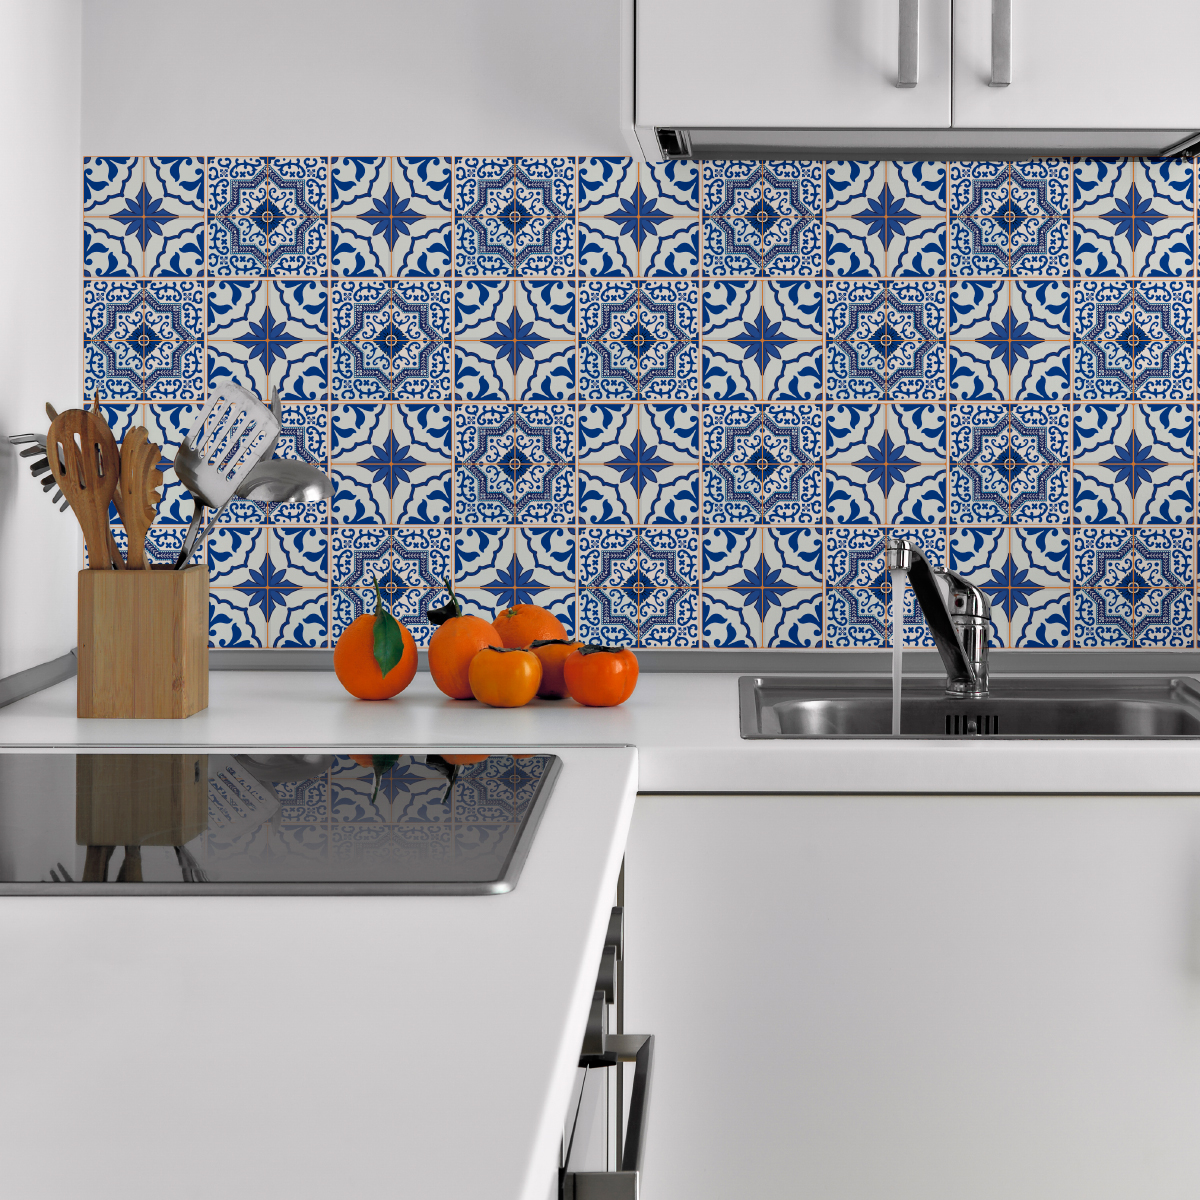 24 stickers carreaux de ciment azulejos rodrigo salle de bain et wc salle de bain ambiance. Black Bedroom Furniture Sets. Home Design Ideas